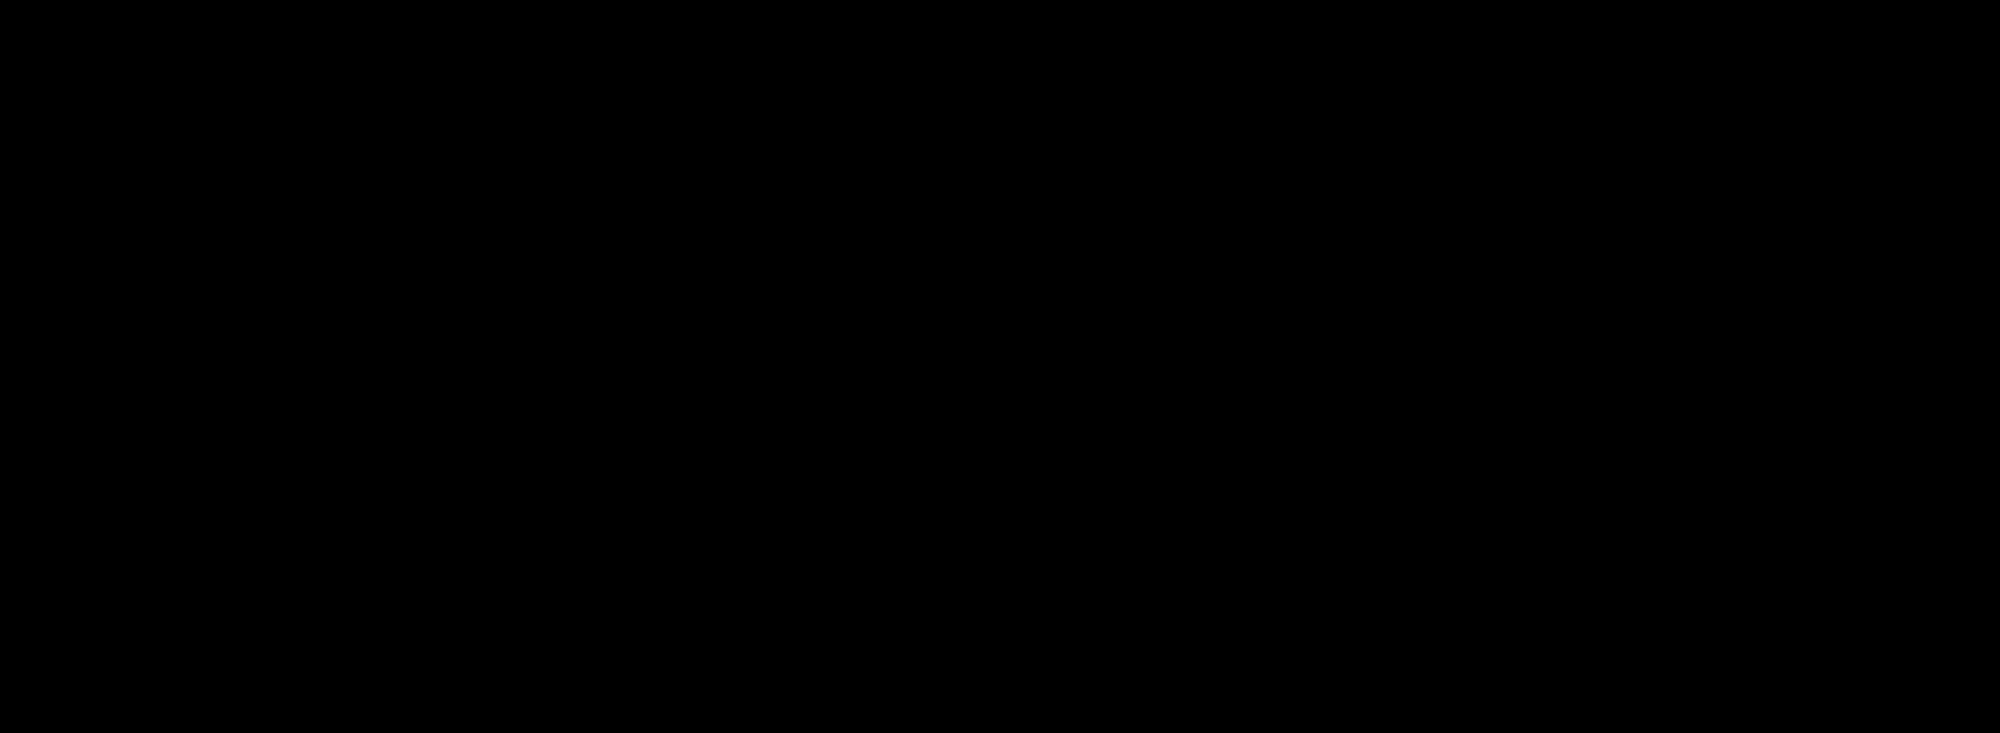 Walt Disney World Png Logo Free Transparent Png Logos